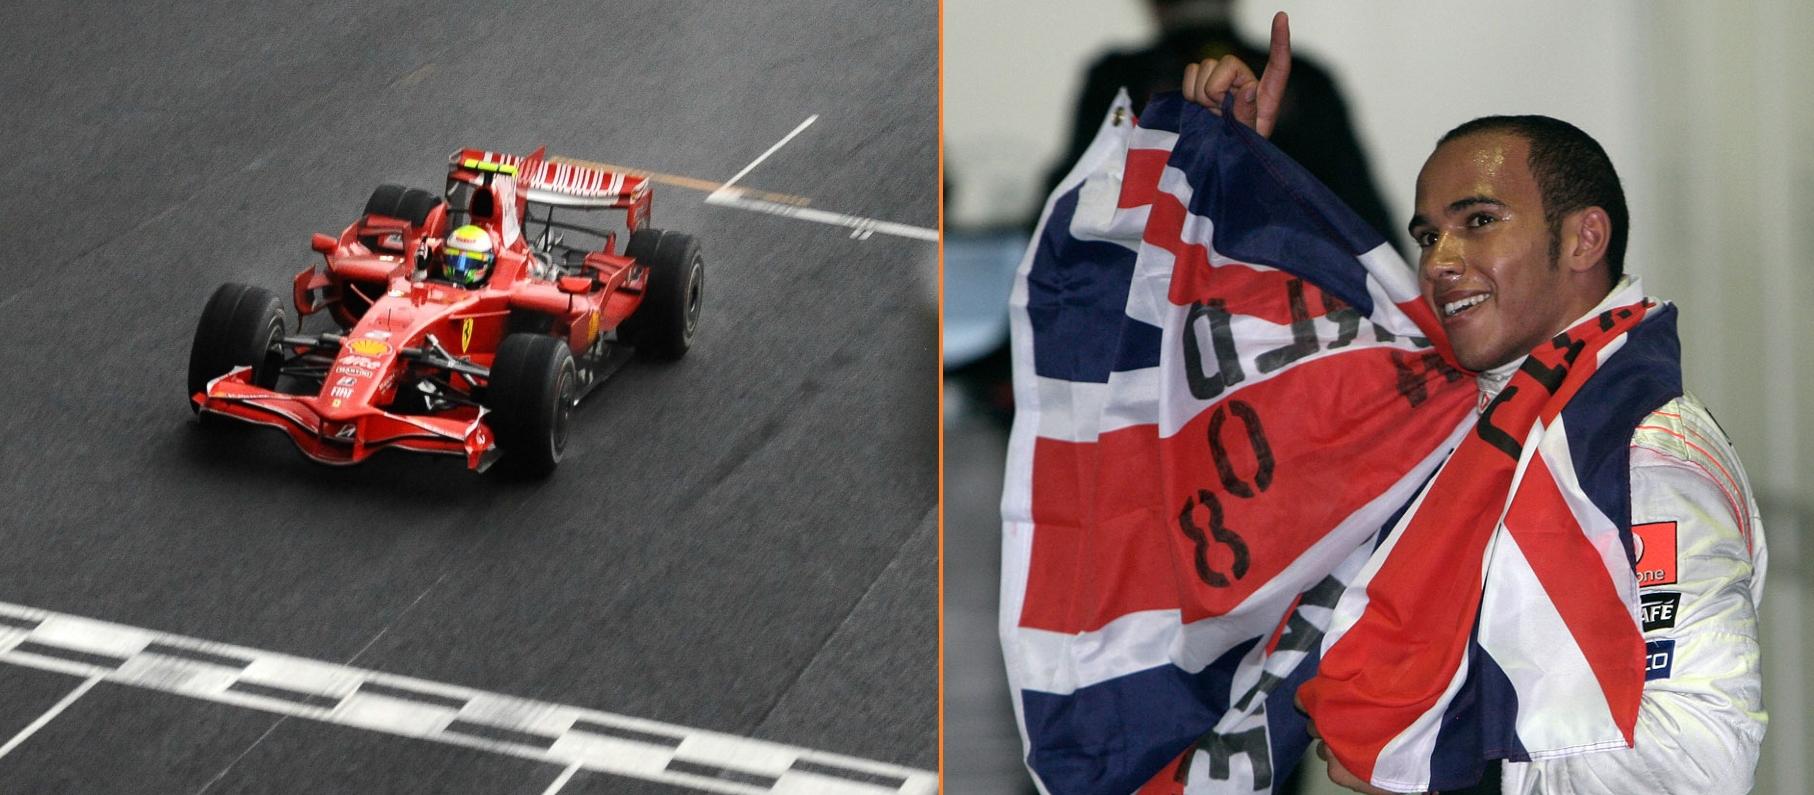 Felipe Massa (lijevo) slavi pobjedu na domaćoj utrci u Brazilu, ali prvak je ipak postao Lewis Hamilton (desno) nakon što je u posljednjem krugu prestigao Glocka i osvojio peto mjesto koje mu je trebalo. (2.11.2008.)